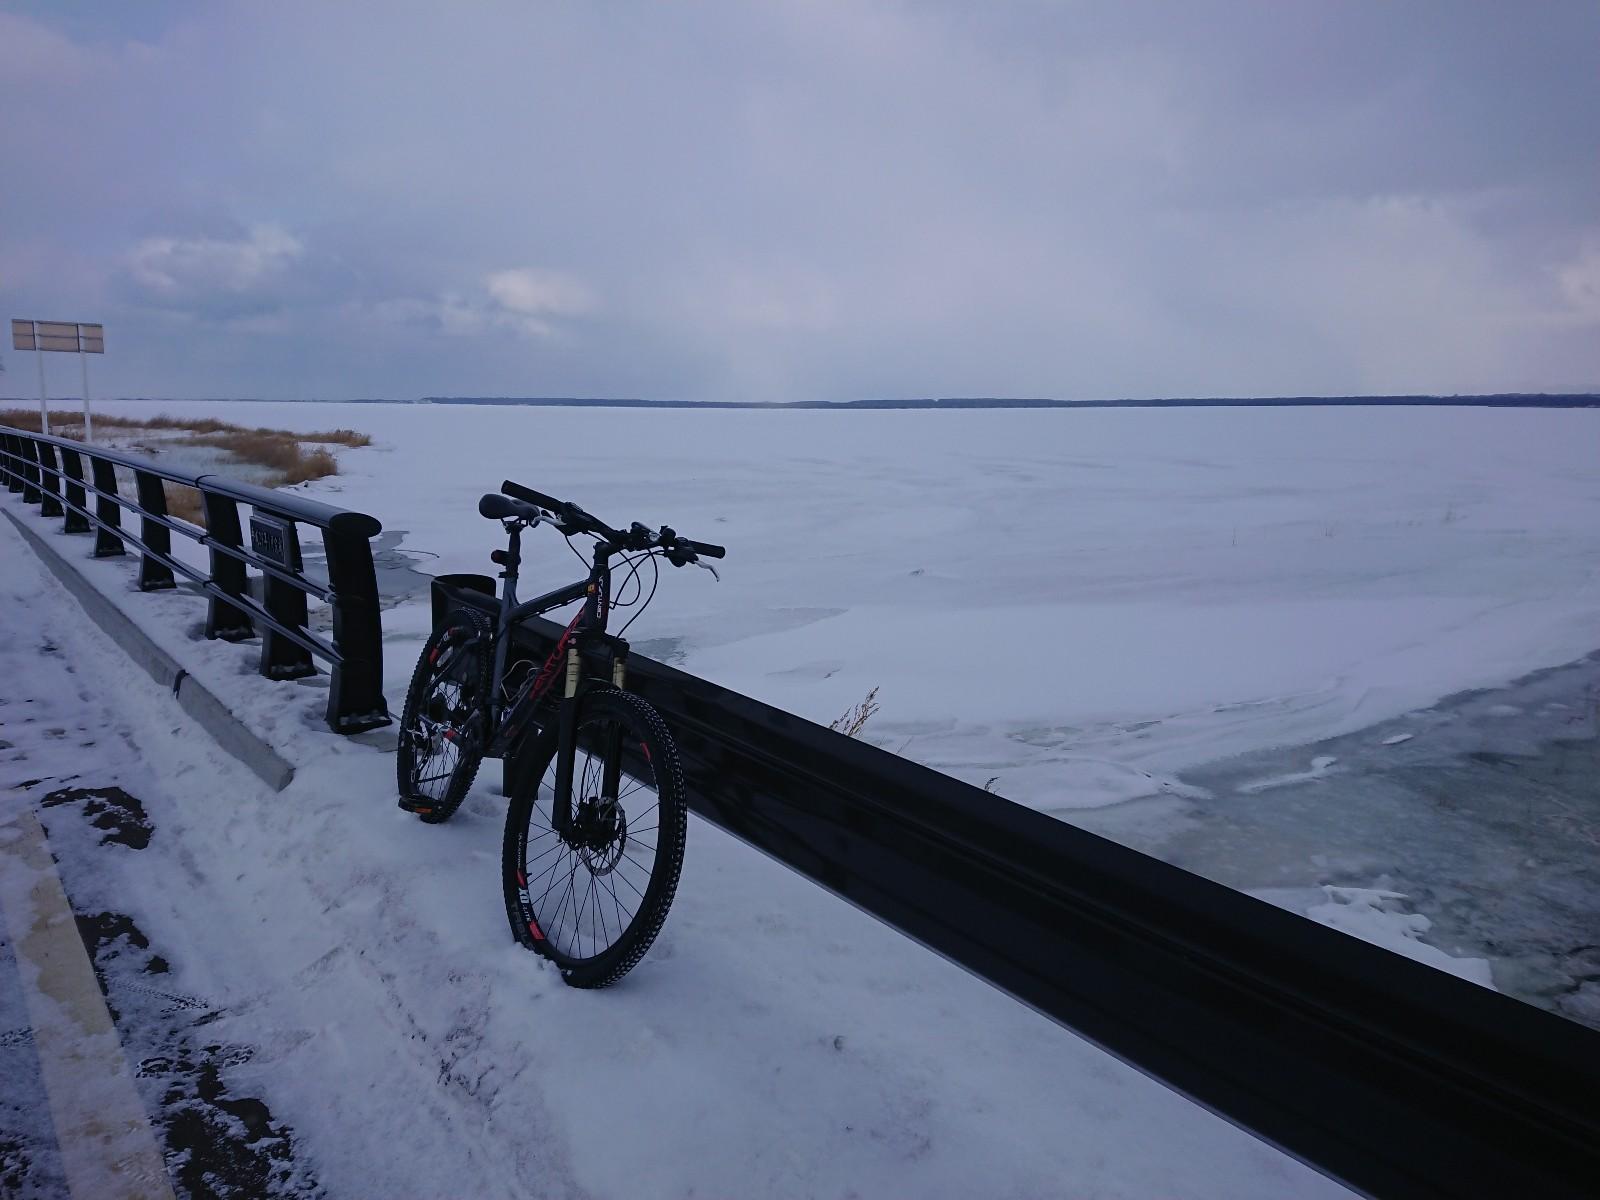 雪が氷の上に